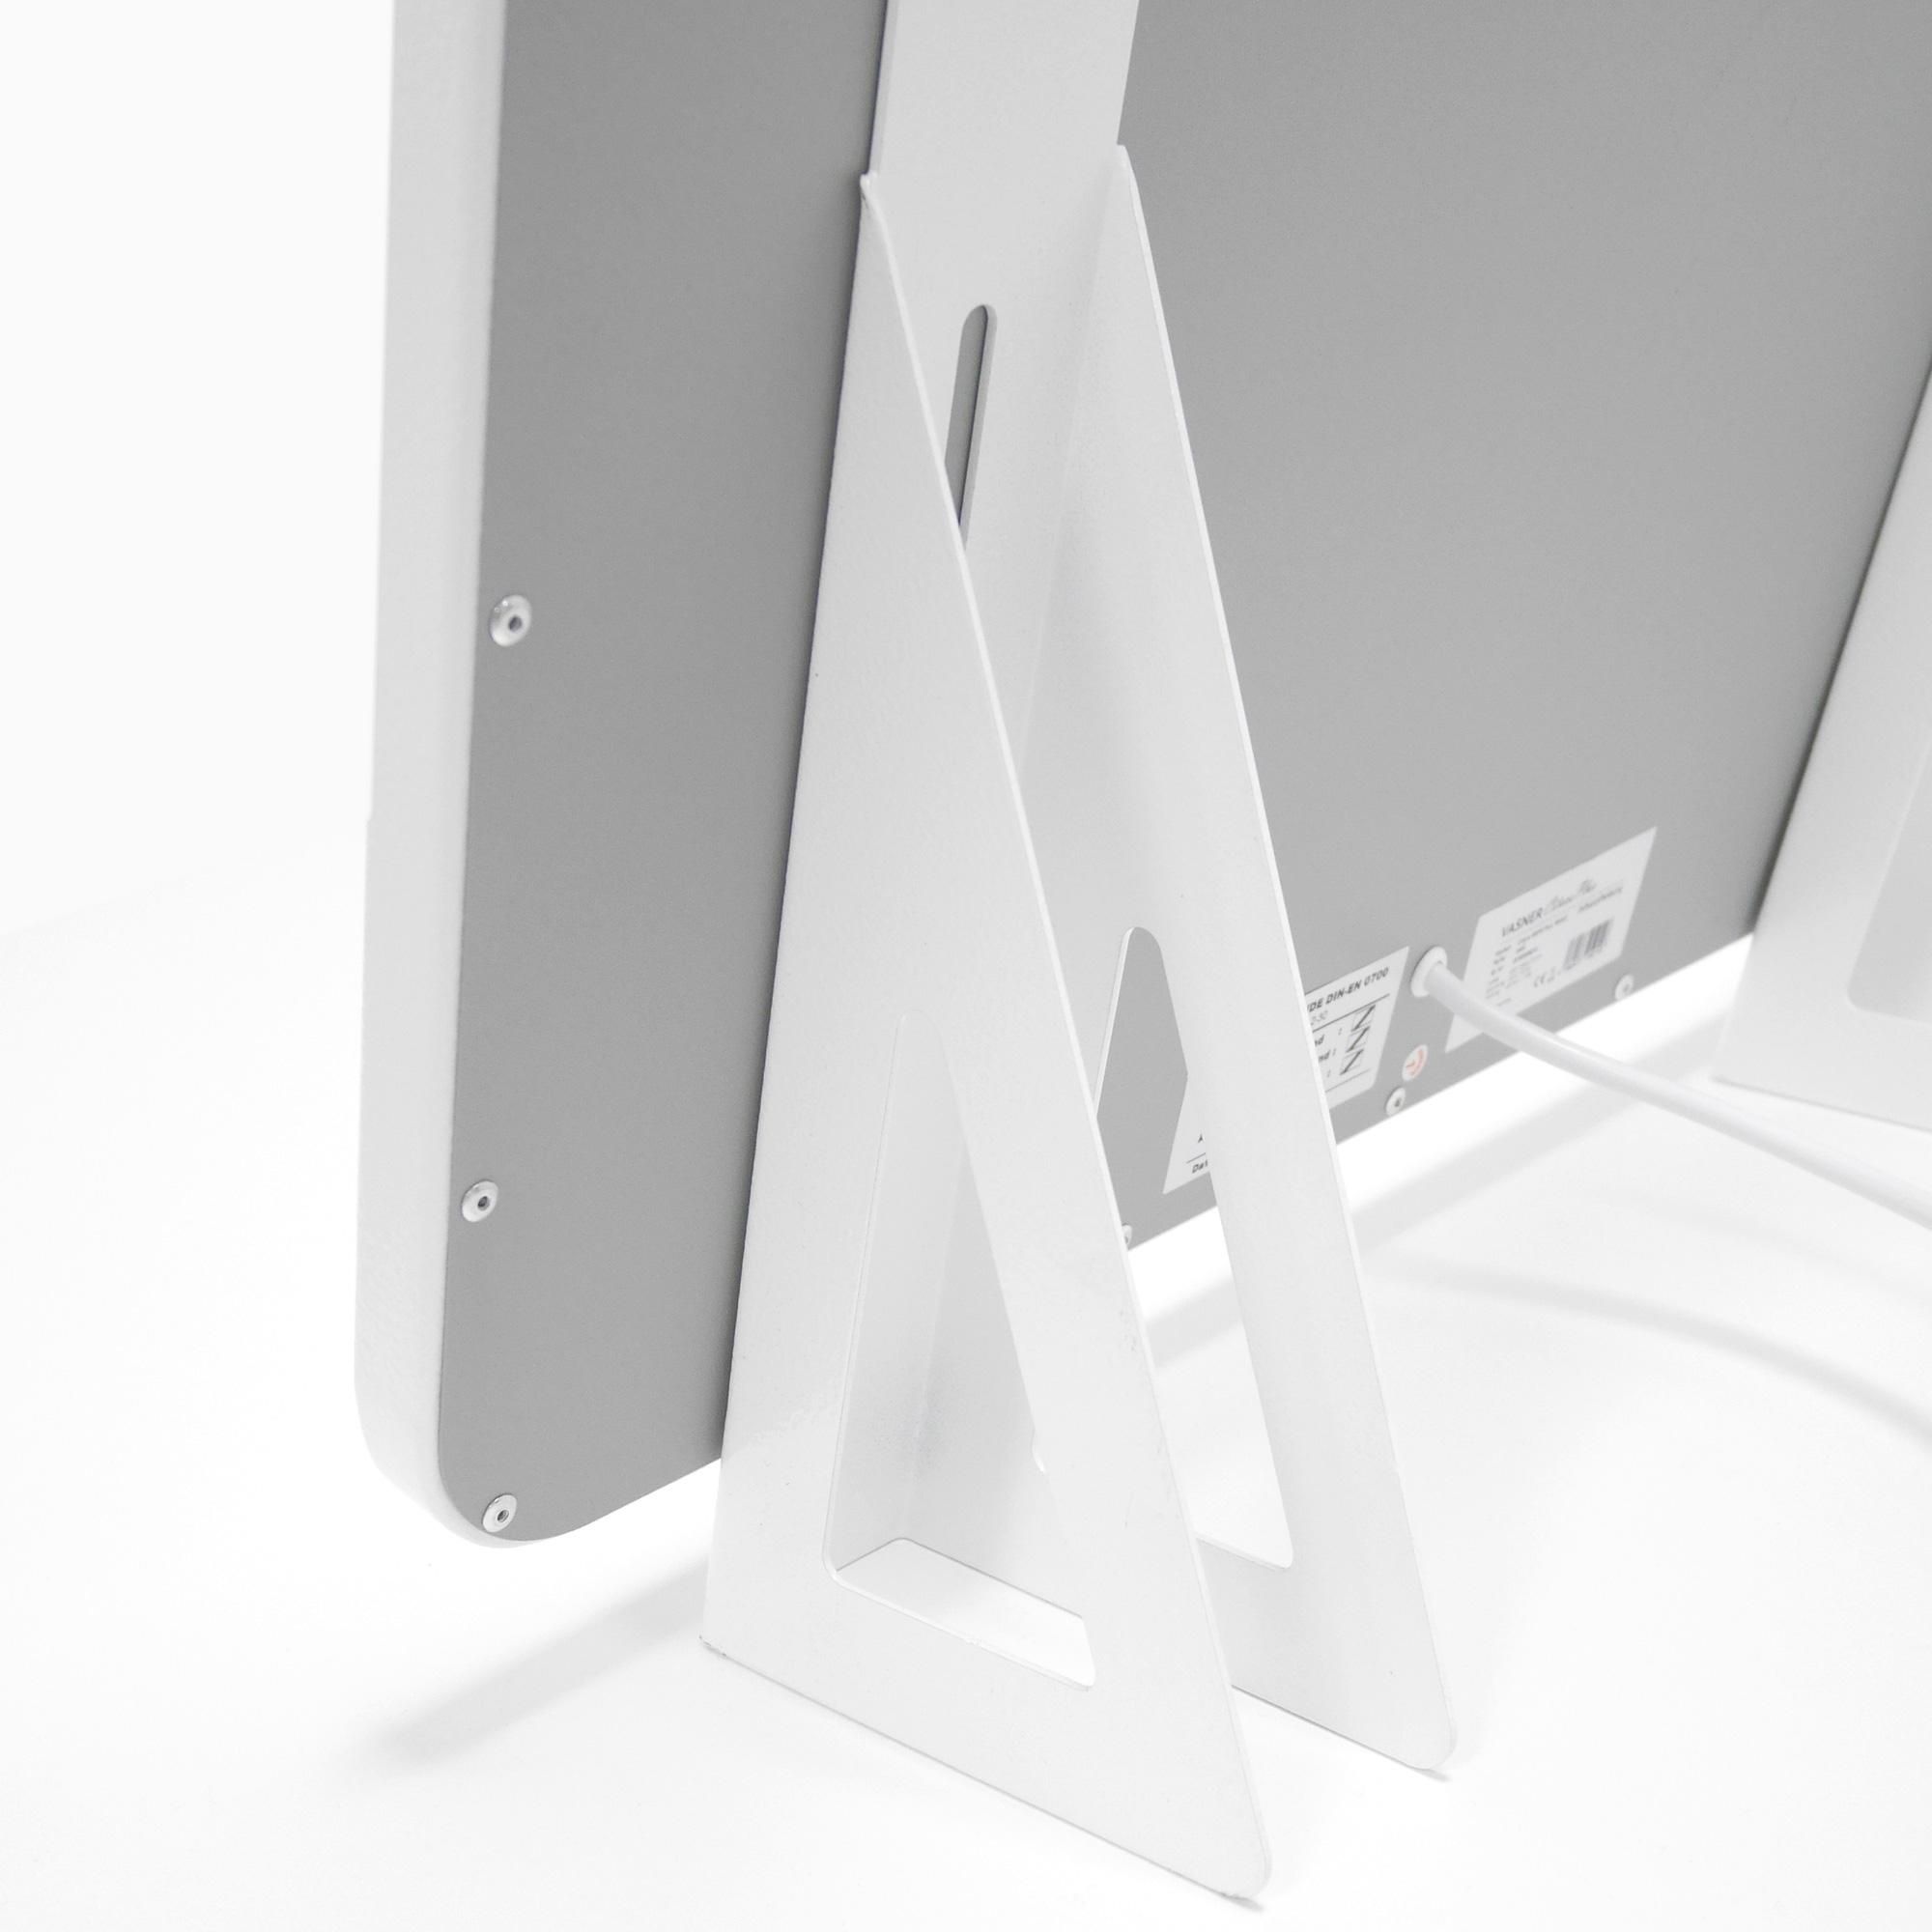 Infrarot Heizplatten Bautrocknung mit Standfüßen oder Stativ für Infrarot Bautrockner mieten